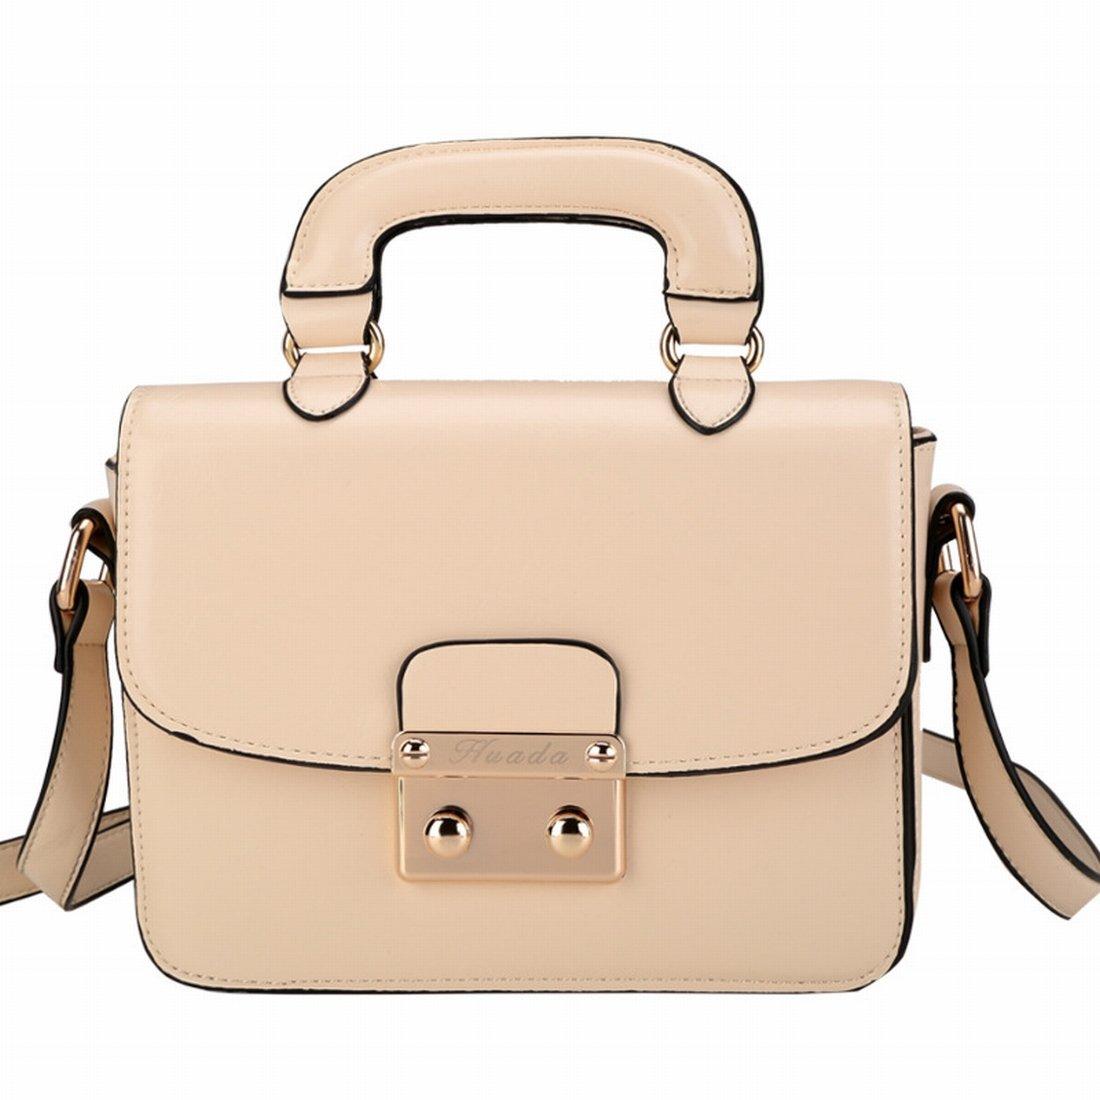 YTTY Damen Handtasche, Schultertasche, Umhängetasche